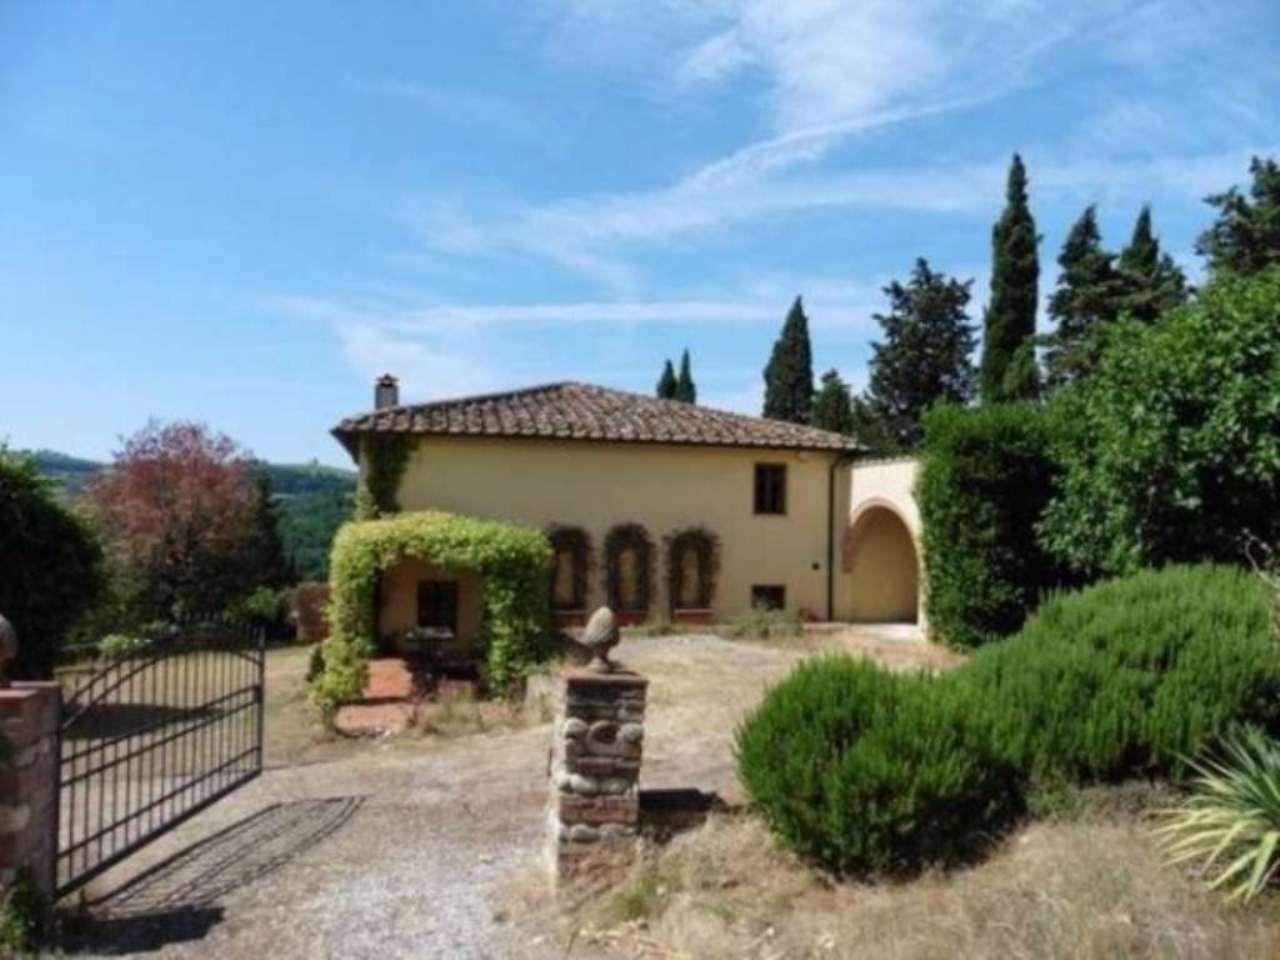 Rustico / Casale in vendita a San Casciano in Val di Pesa, 6 locali, prezzo € 880.000   Cambio Casa.it